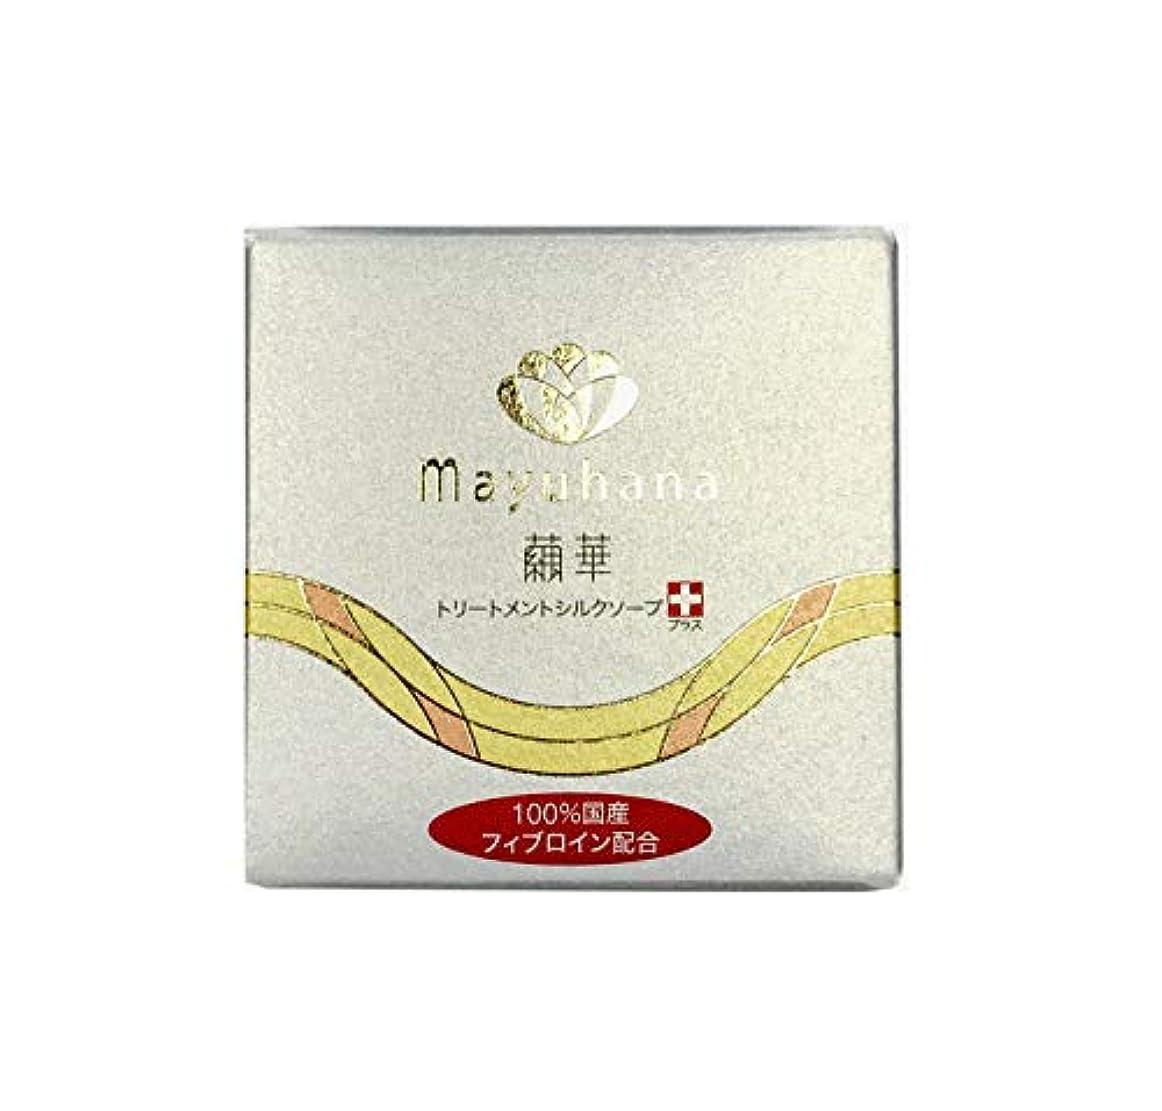 無菌 繭 石鹸「繭華」トリートメント シルクソープ 80g